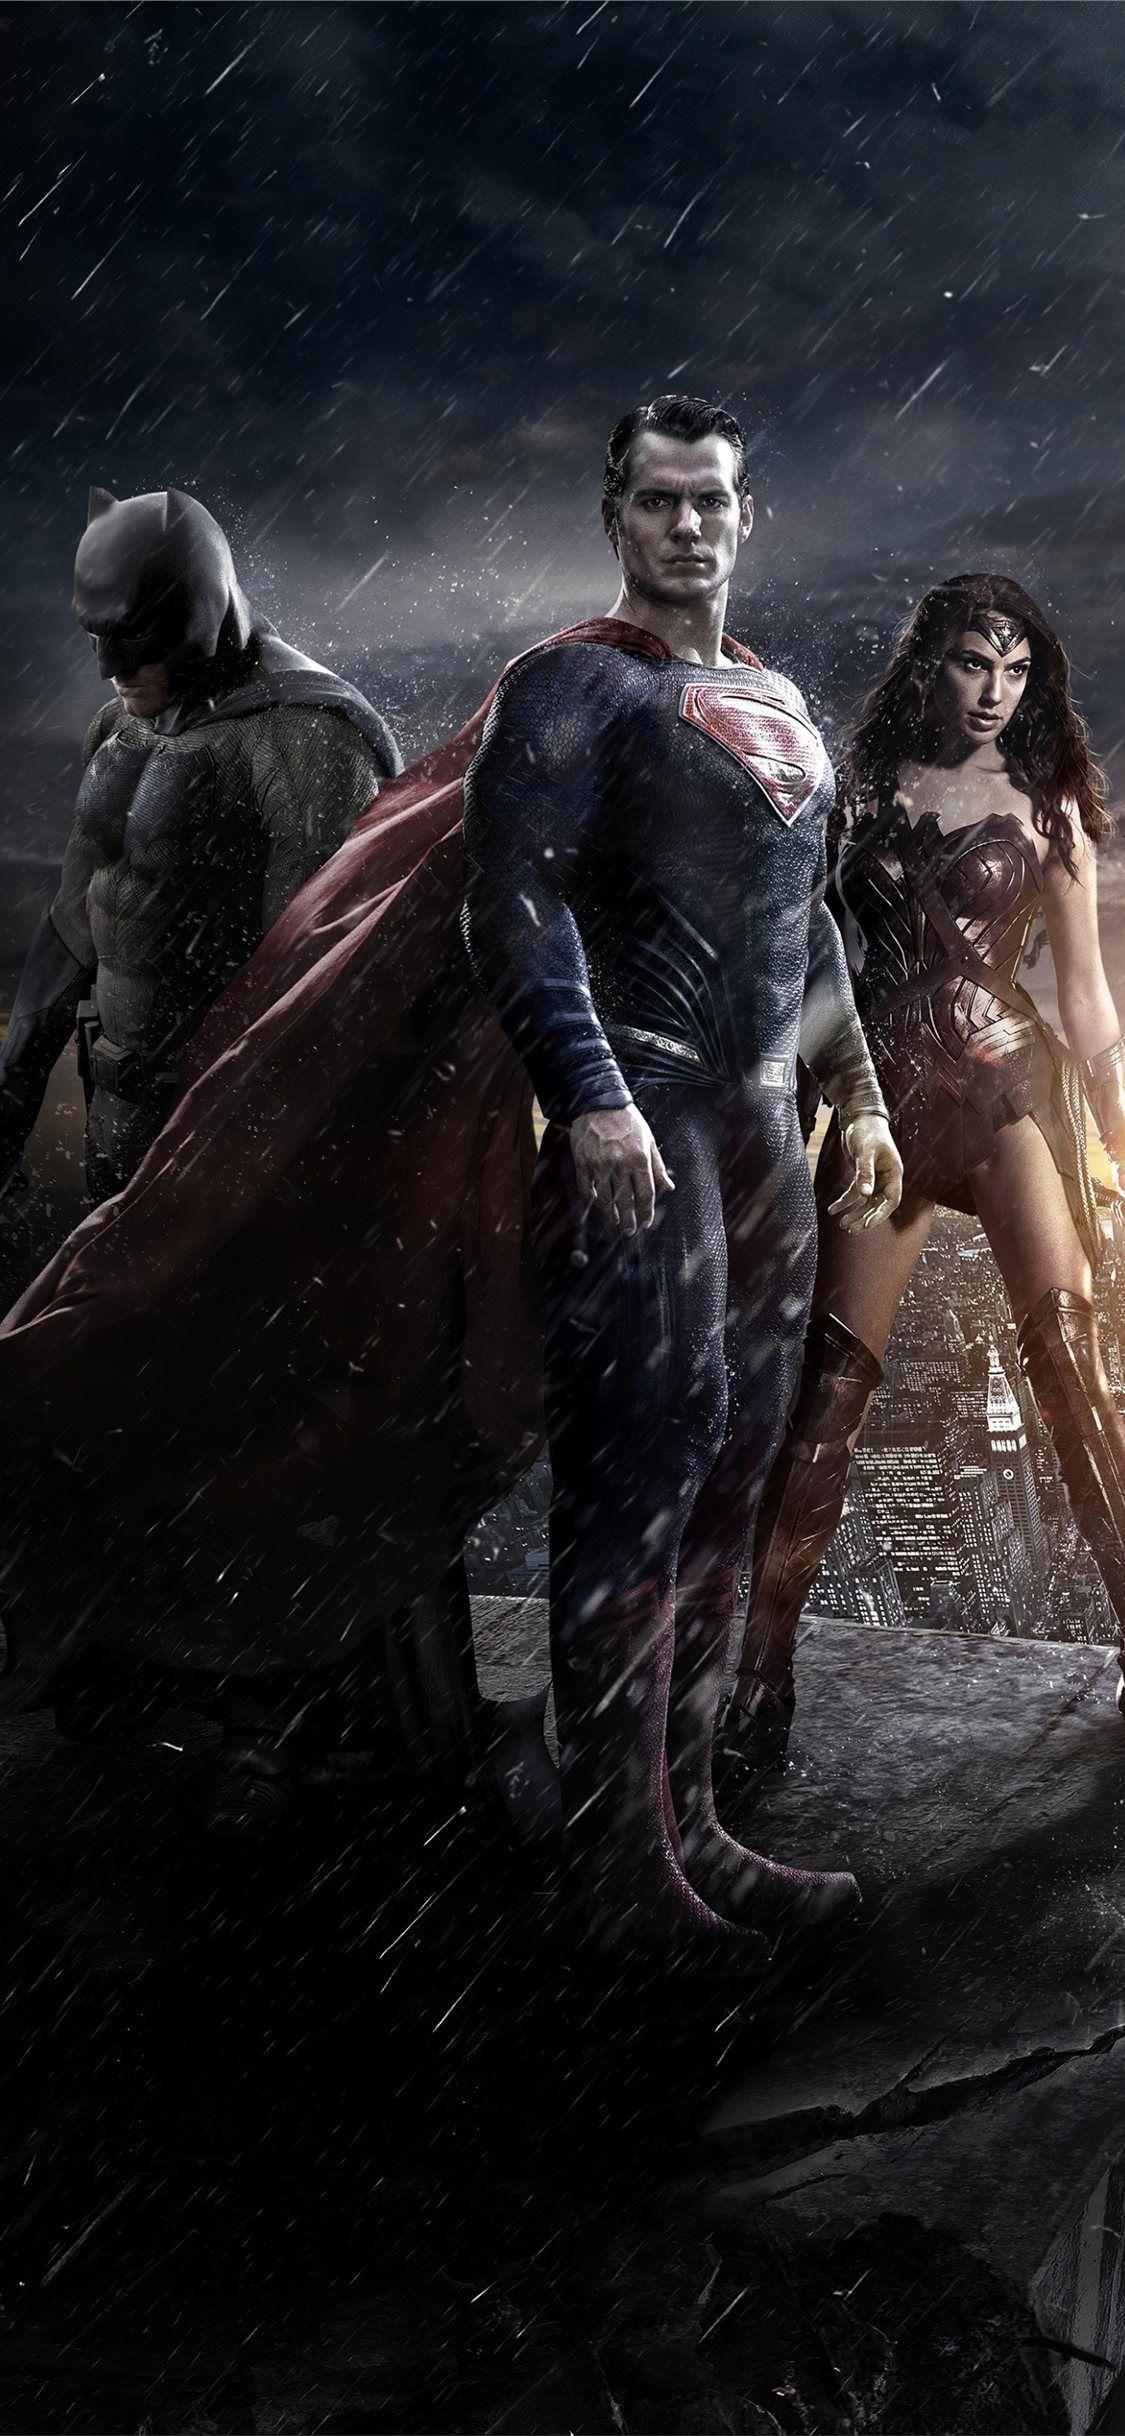 Free Download The Batman V Superman Movie Poster Wallpaper Beaty Your Iphone Batman Vs Superman Batman Won Batman V Superman Movie Superman Movies Batman